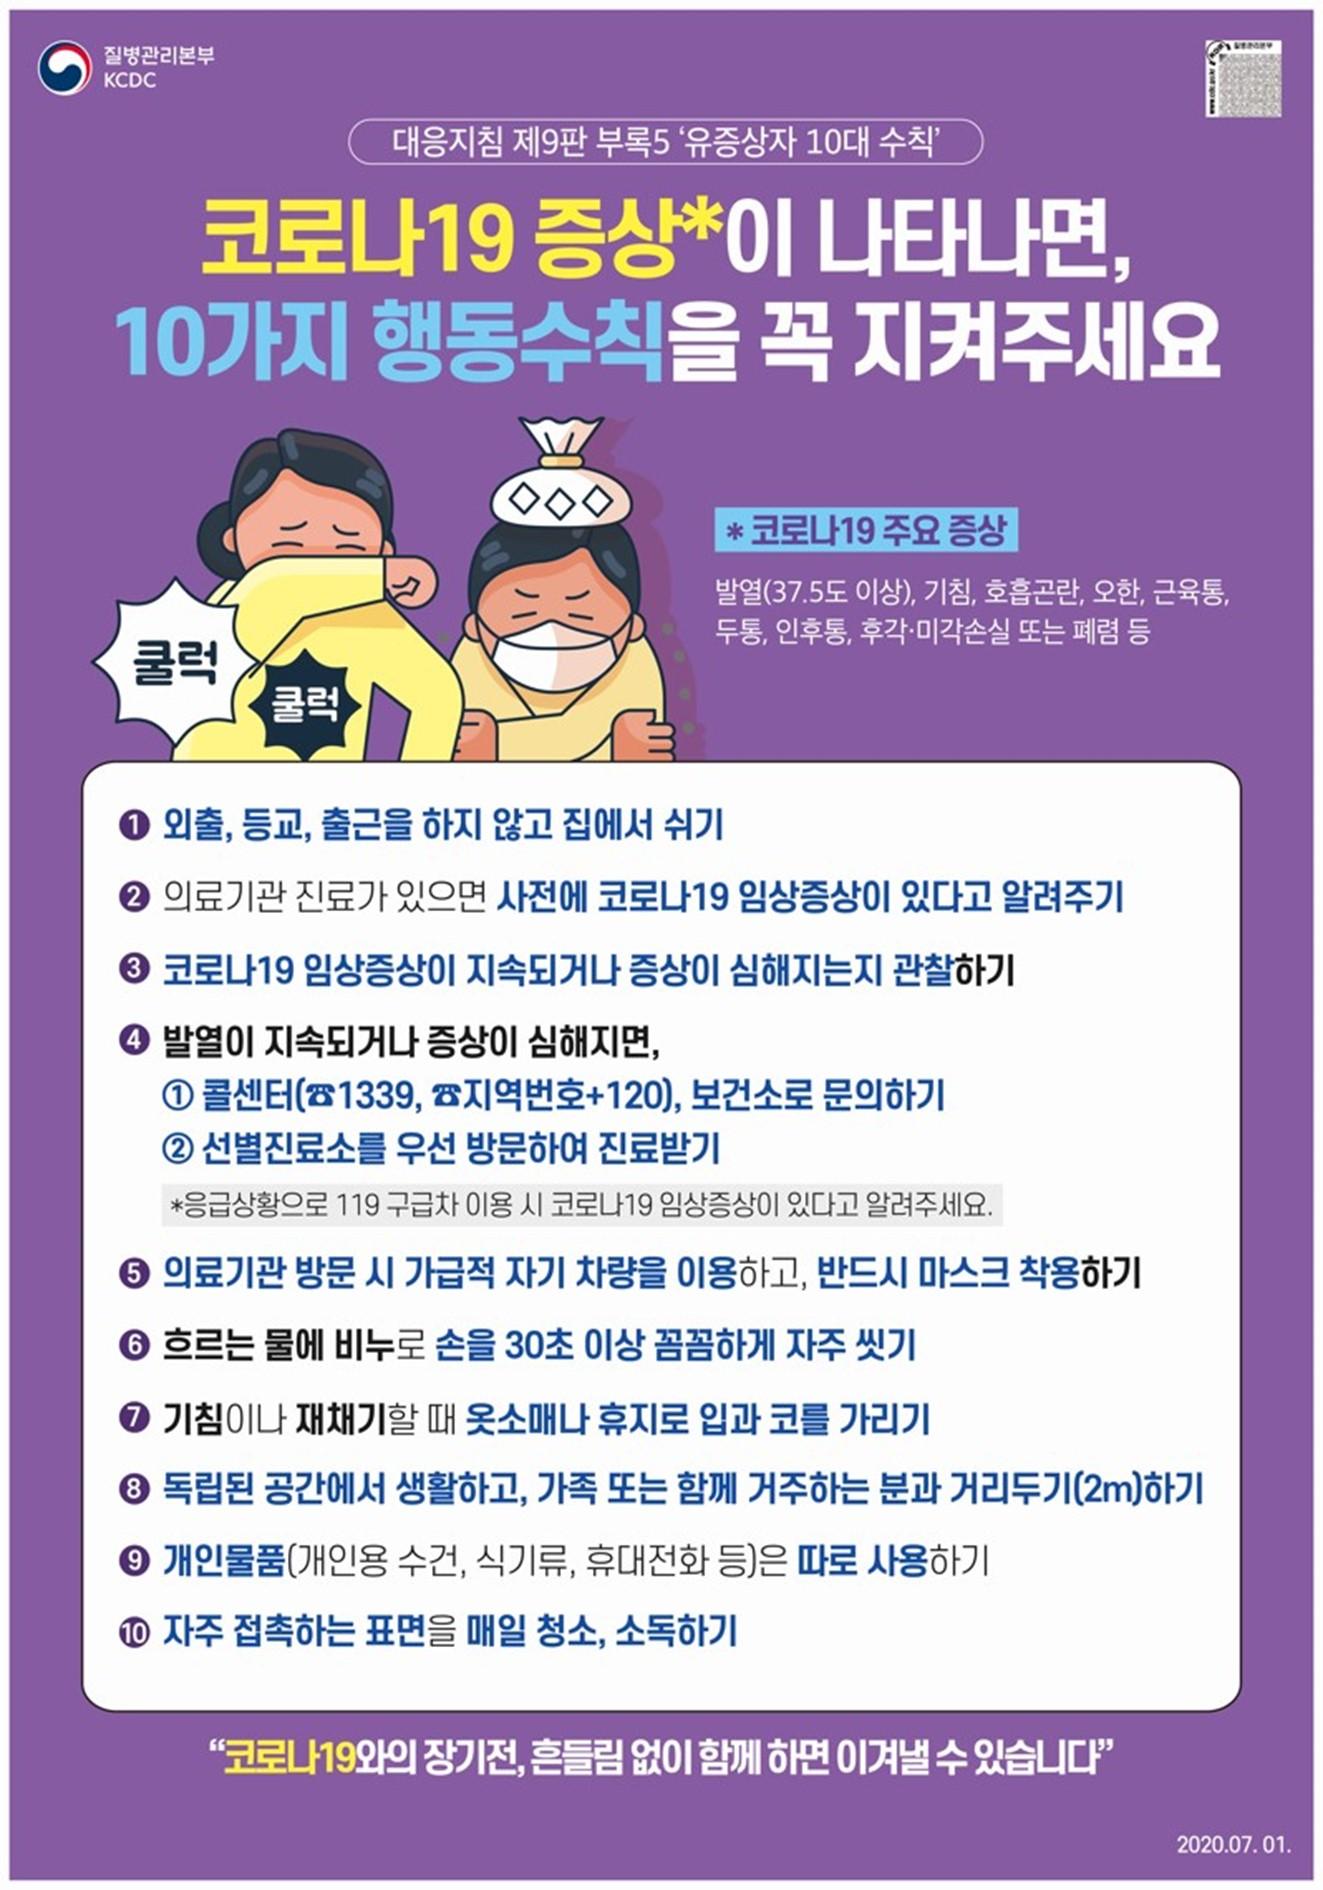 0701 [대응지침9판] 코로나19 증상이 나타나면 10가지 행동수칙을 꼭 지켜주세요.jpg